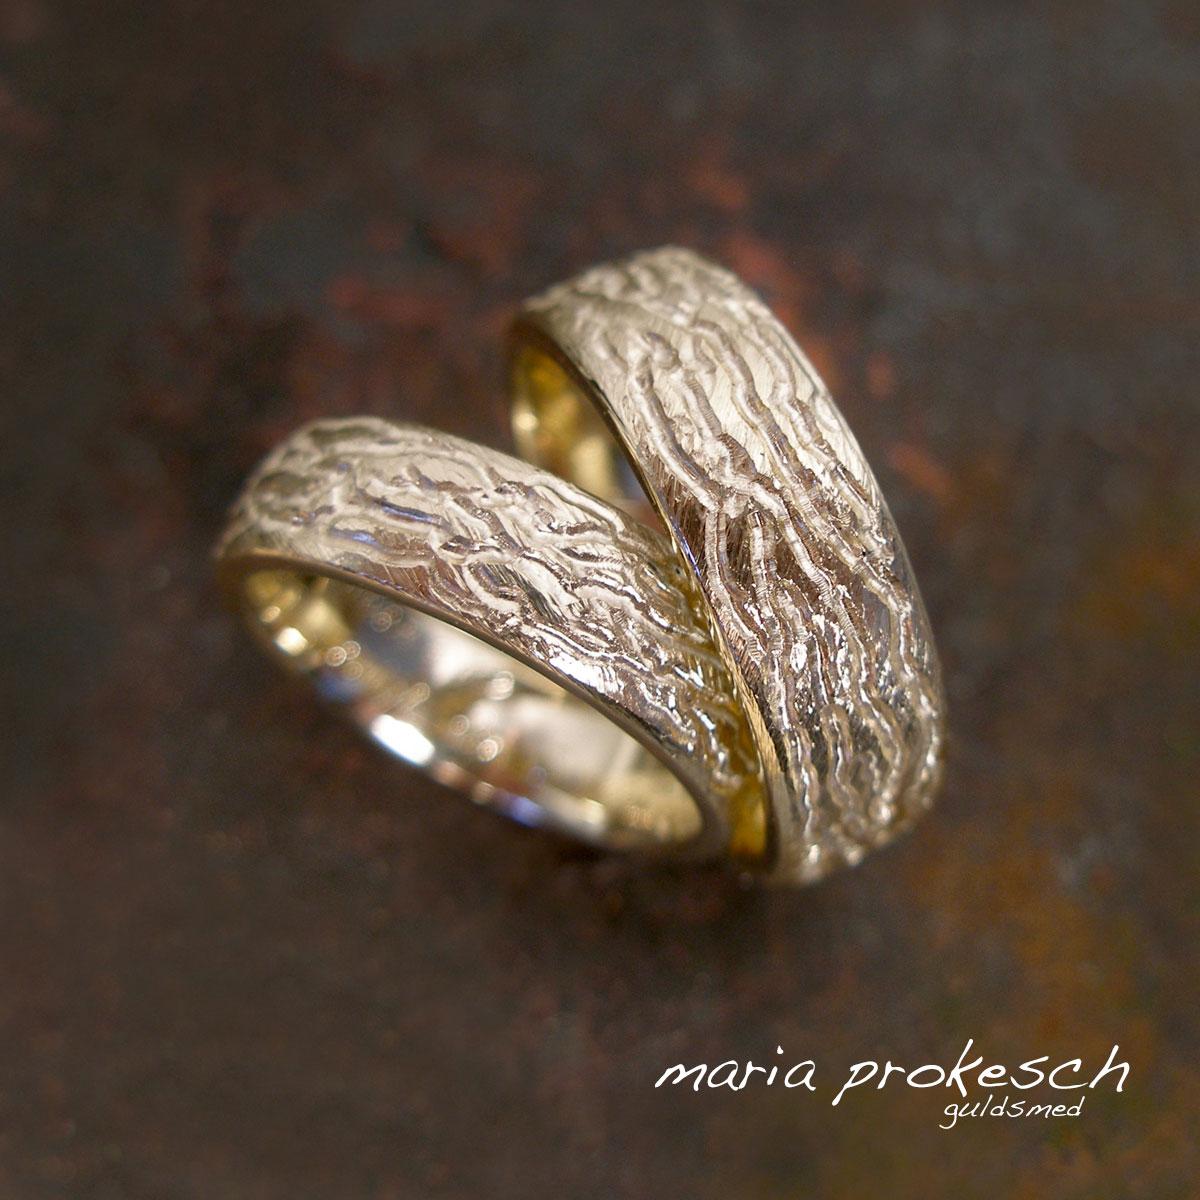 Rustikke vielsesringe i 14 kt guld med en kombination af forskellige overflader. Design sammen med guldsmeden hvordan jeres kærlighedsringe skal foreviges.